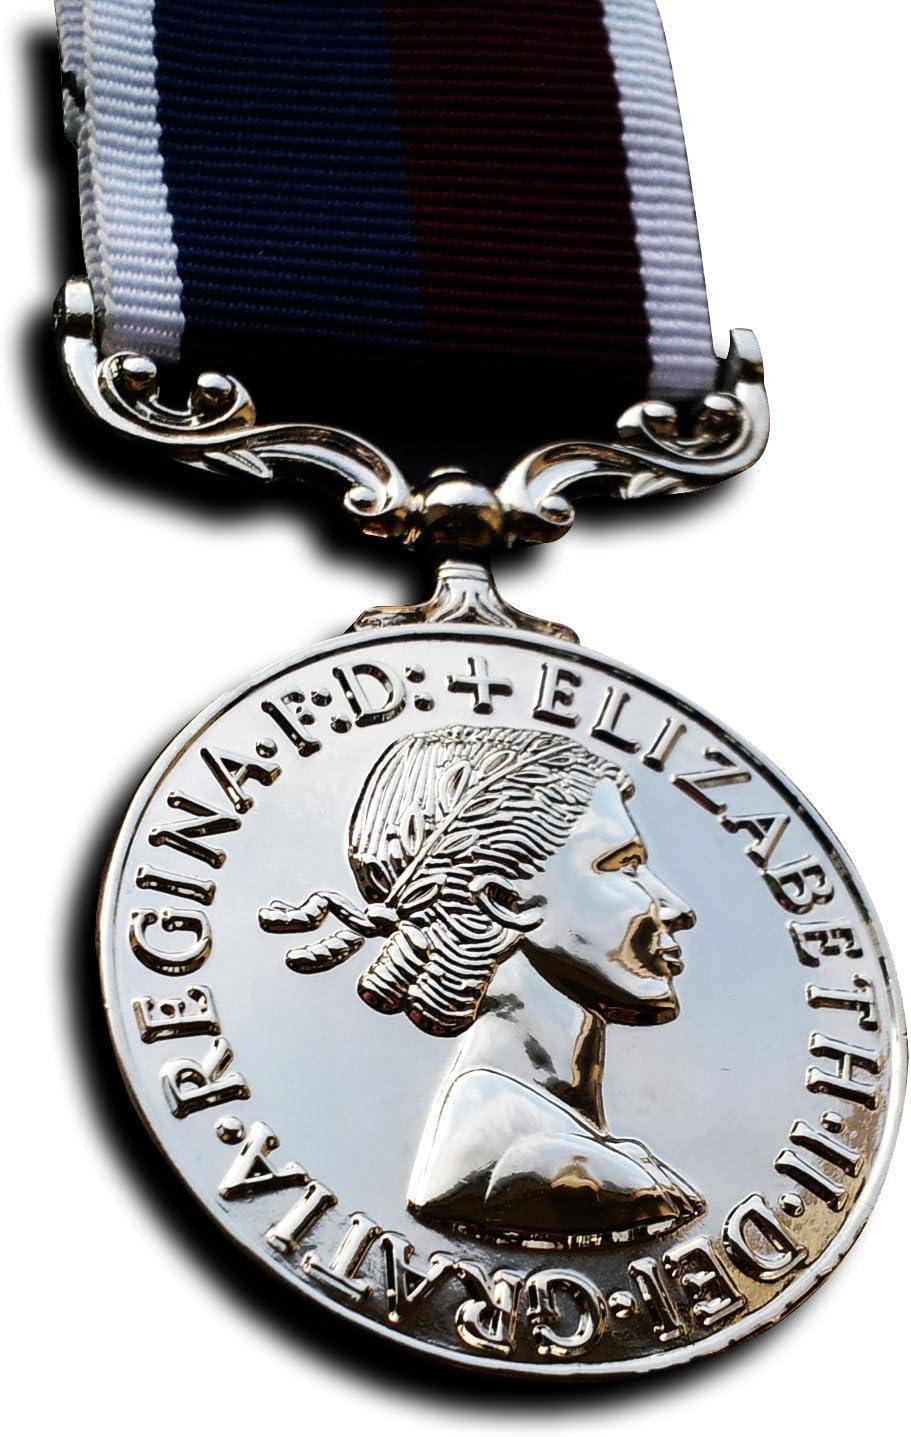 Goldbrothers13 Medalla Militar de la Royal Air Force Largo Servicio y Medalla de Buena conducta RAF WW2 British Medalla Repro: Amazon.es: Deportes y aire libre